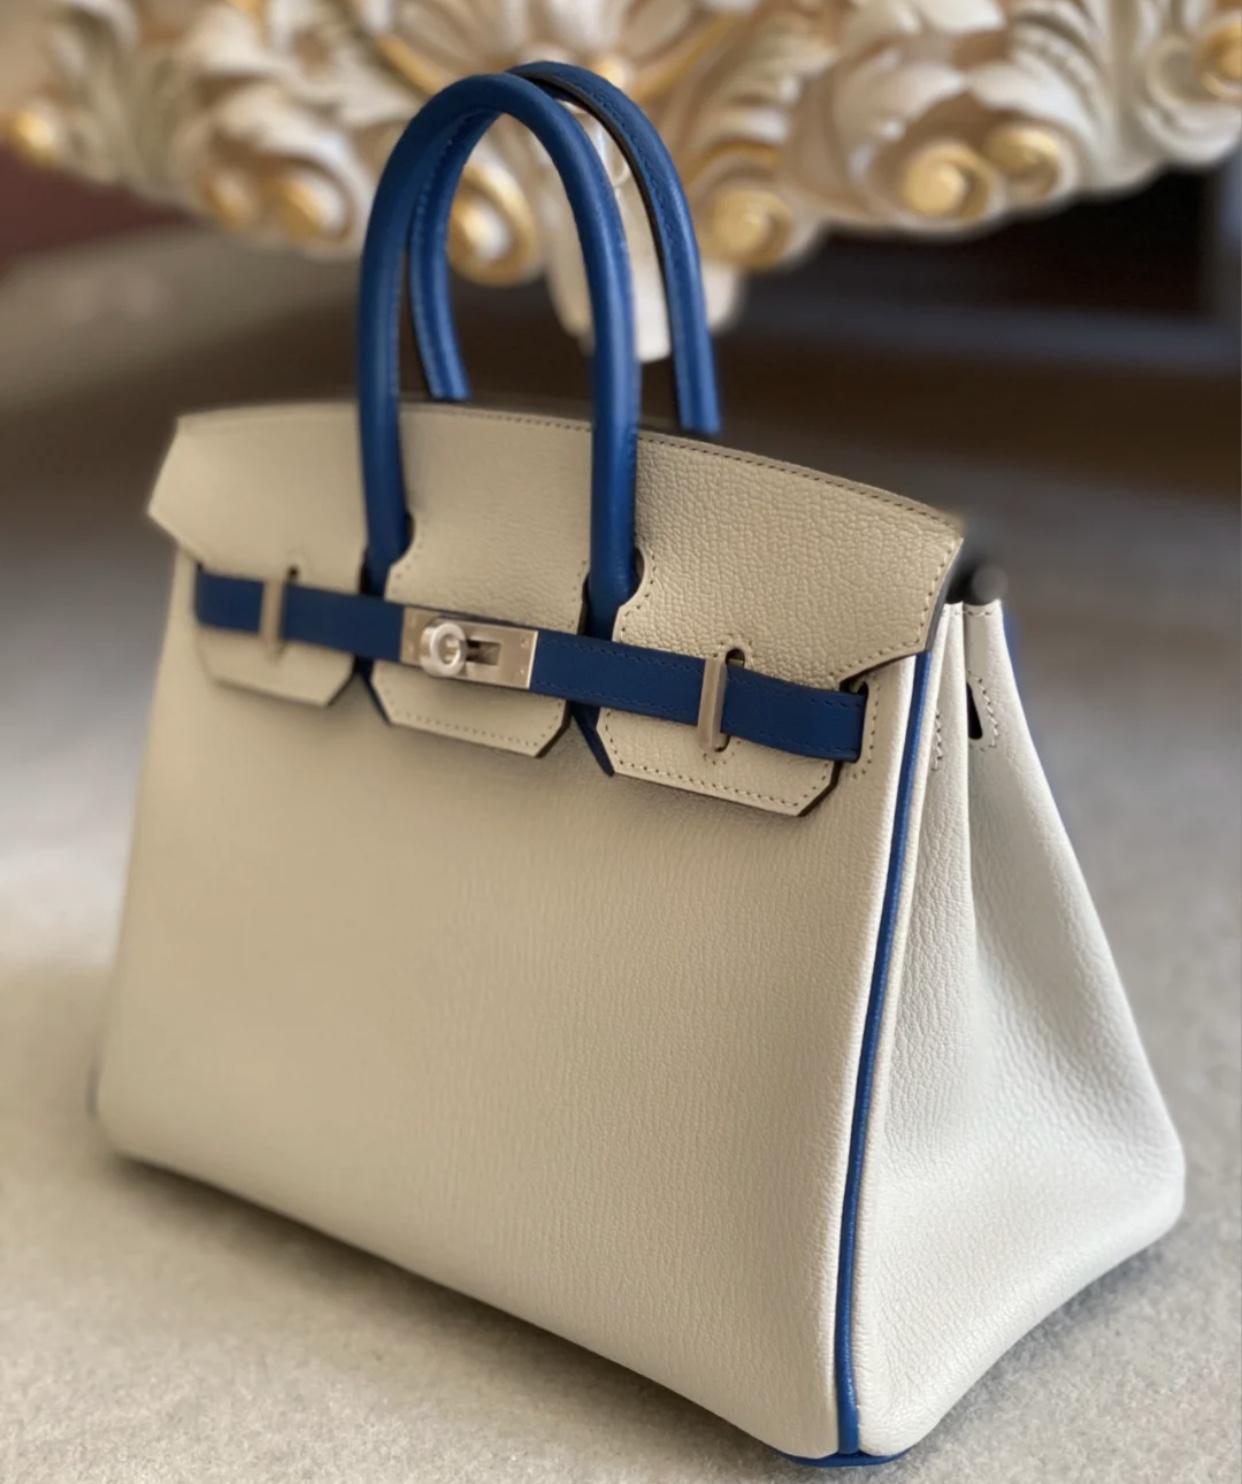 Hong Kong Hermes Birkin 25cm Handbag Chevre CK80珍珠灰/CK73寶石藍